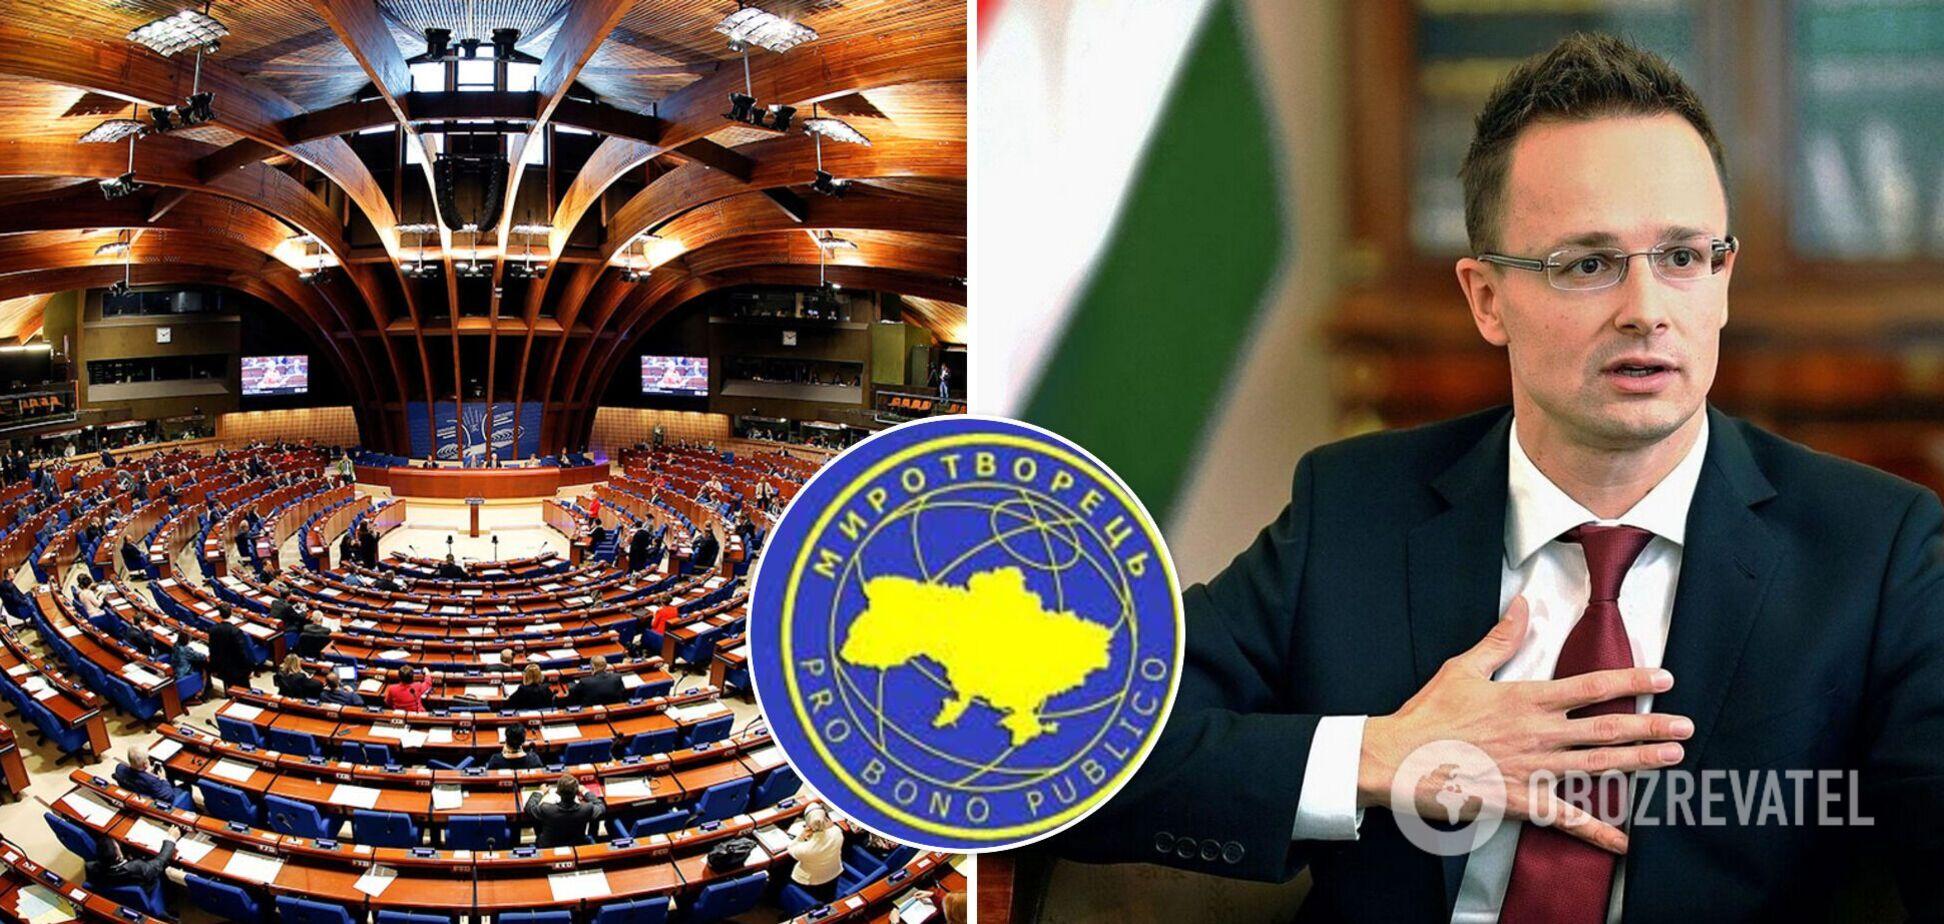 Глава МИД Венгрии пожаловался на 'Миротворец' в ПАСЕ и заявил об угрозе для попавших в список